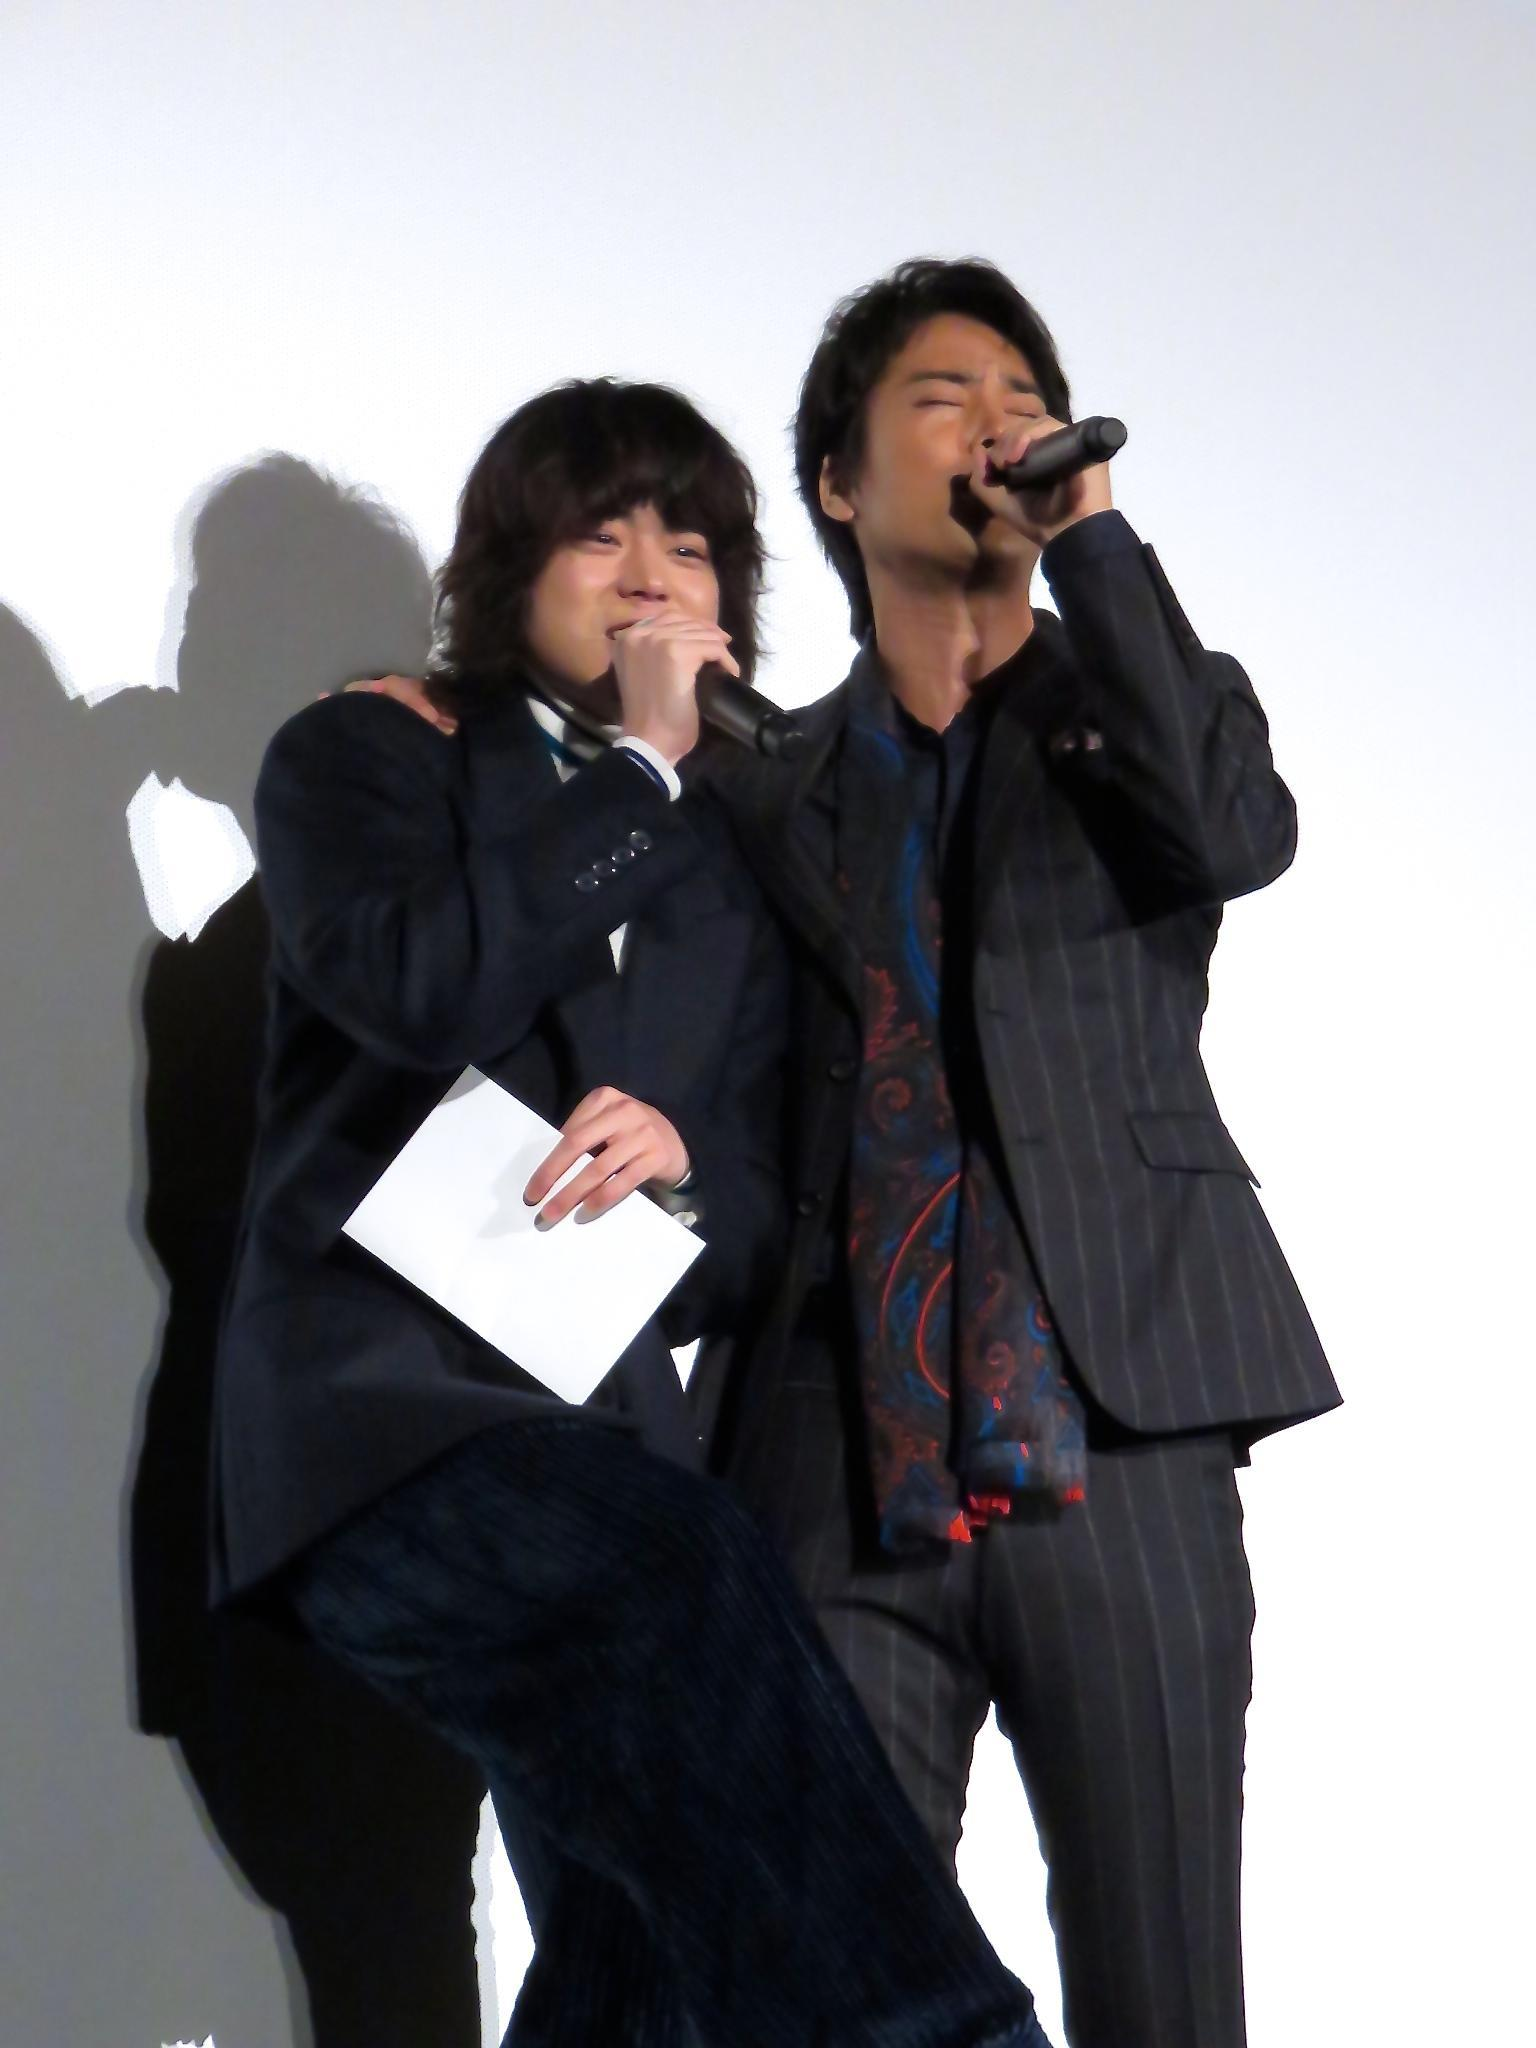 http://news.yoshimoto.co.jp/20171201003538-89505cfe7b91ee3105bdc49fccc508ecd386ac98.jpg